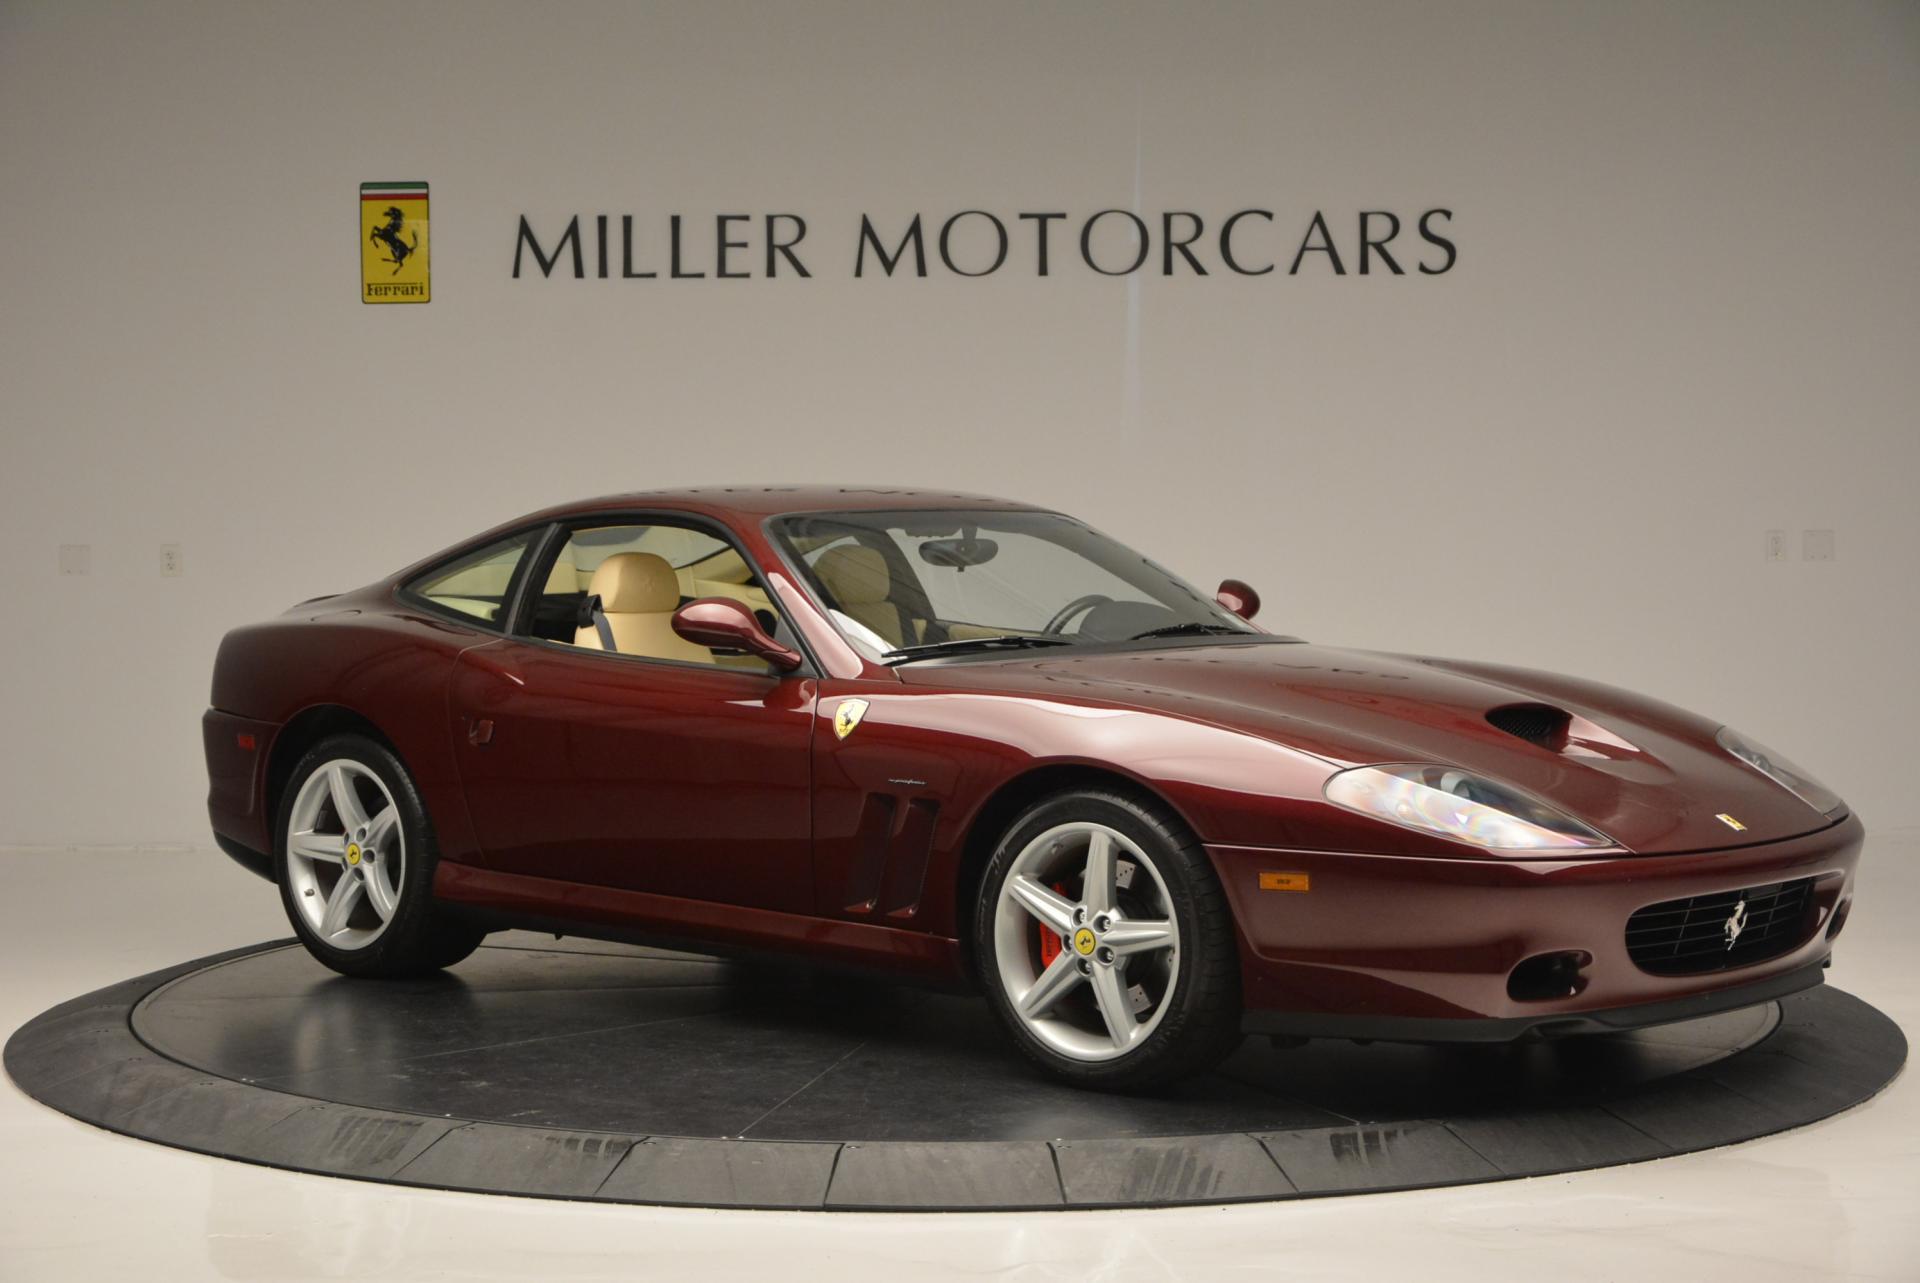 Used 2003 Ferrari 575M Maranello 6-Speed Manual For Sale In Westport, CT 143_p10